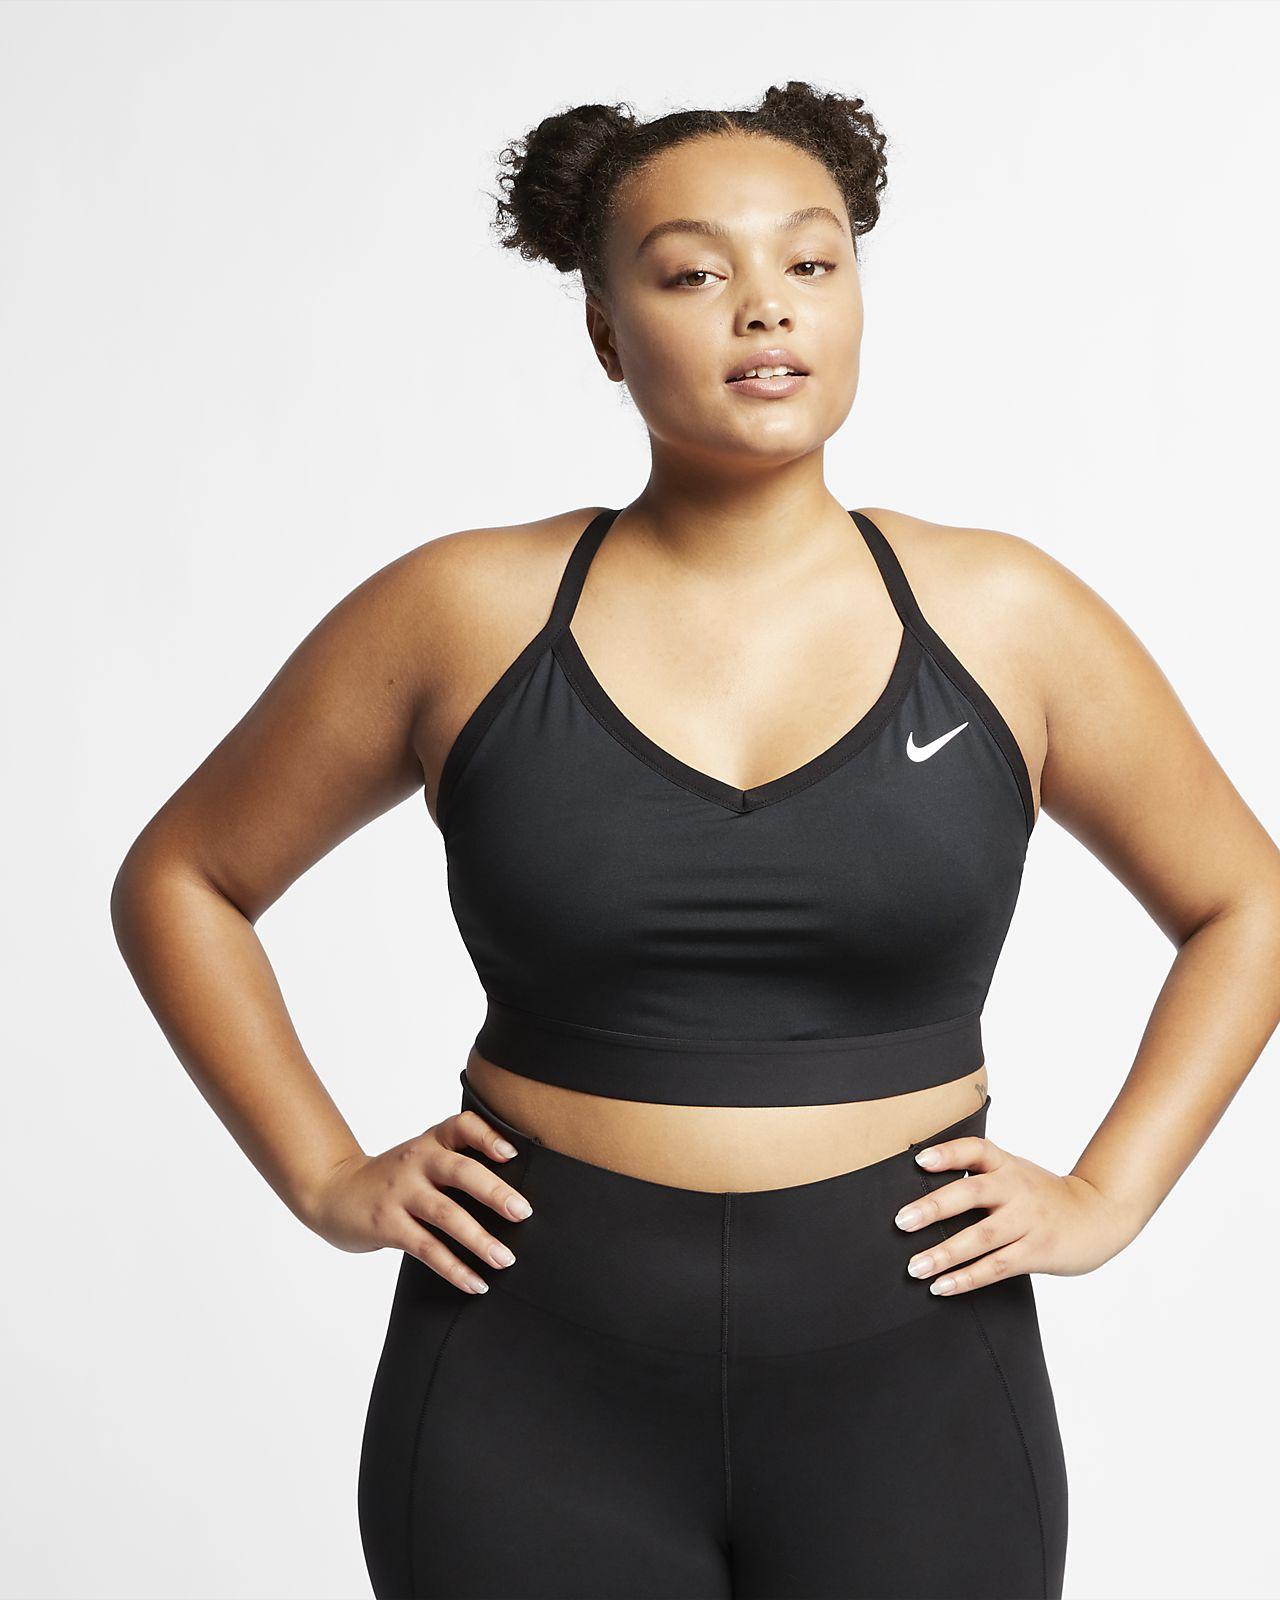 Nike Dri-FIT Indy Sujetador deportivo de sujeción ligera con acolchado (Talla grande) - Mujer